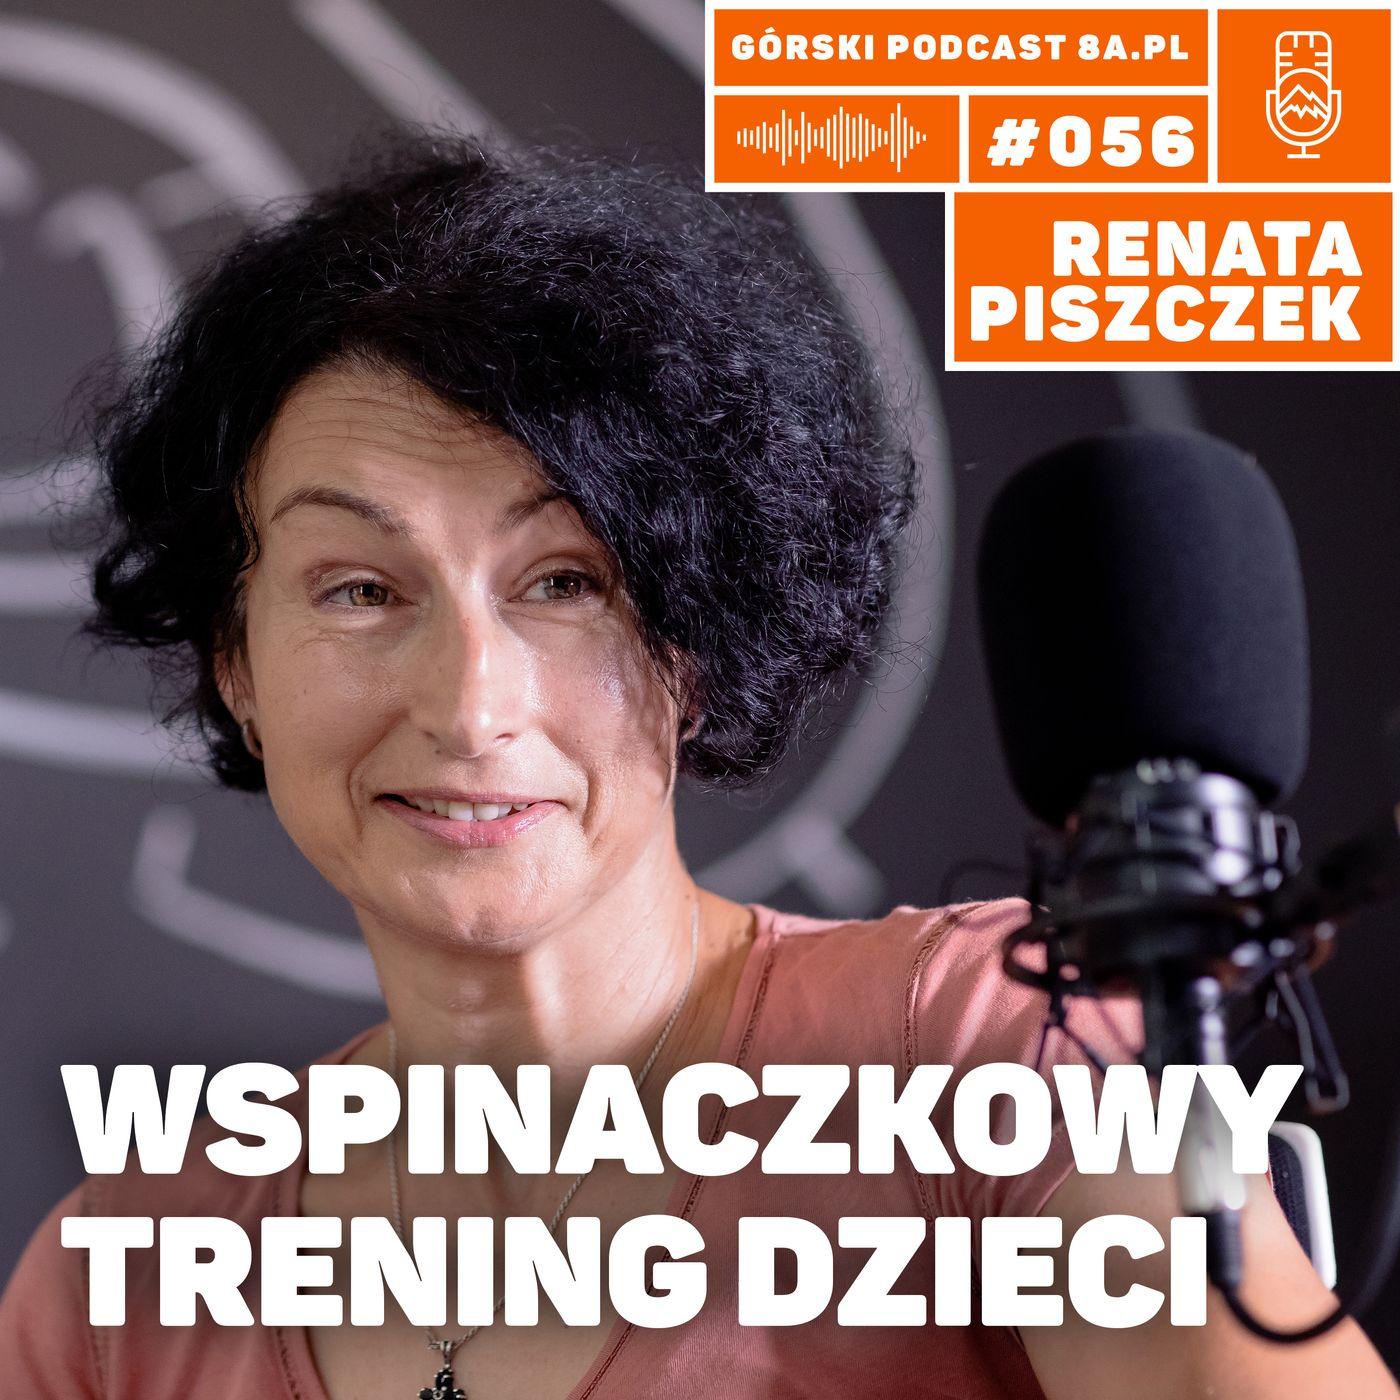 #056 8a.pl - Renata Piszczek. Trening wspinaczkowy dzieci.